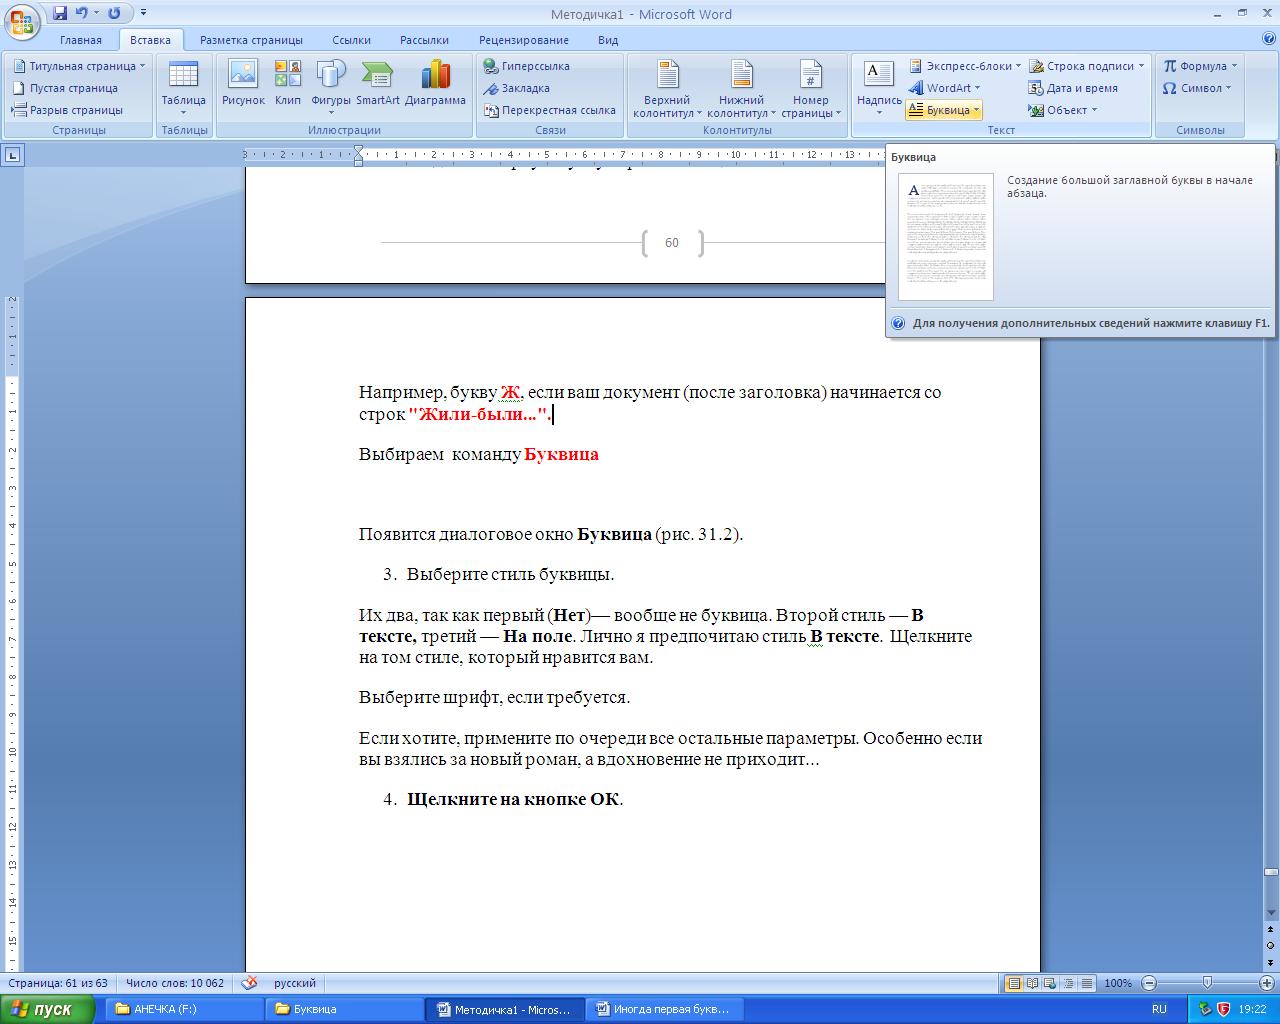 Как из фото с текстом сделать word документ